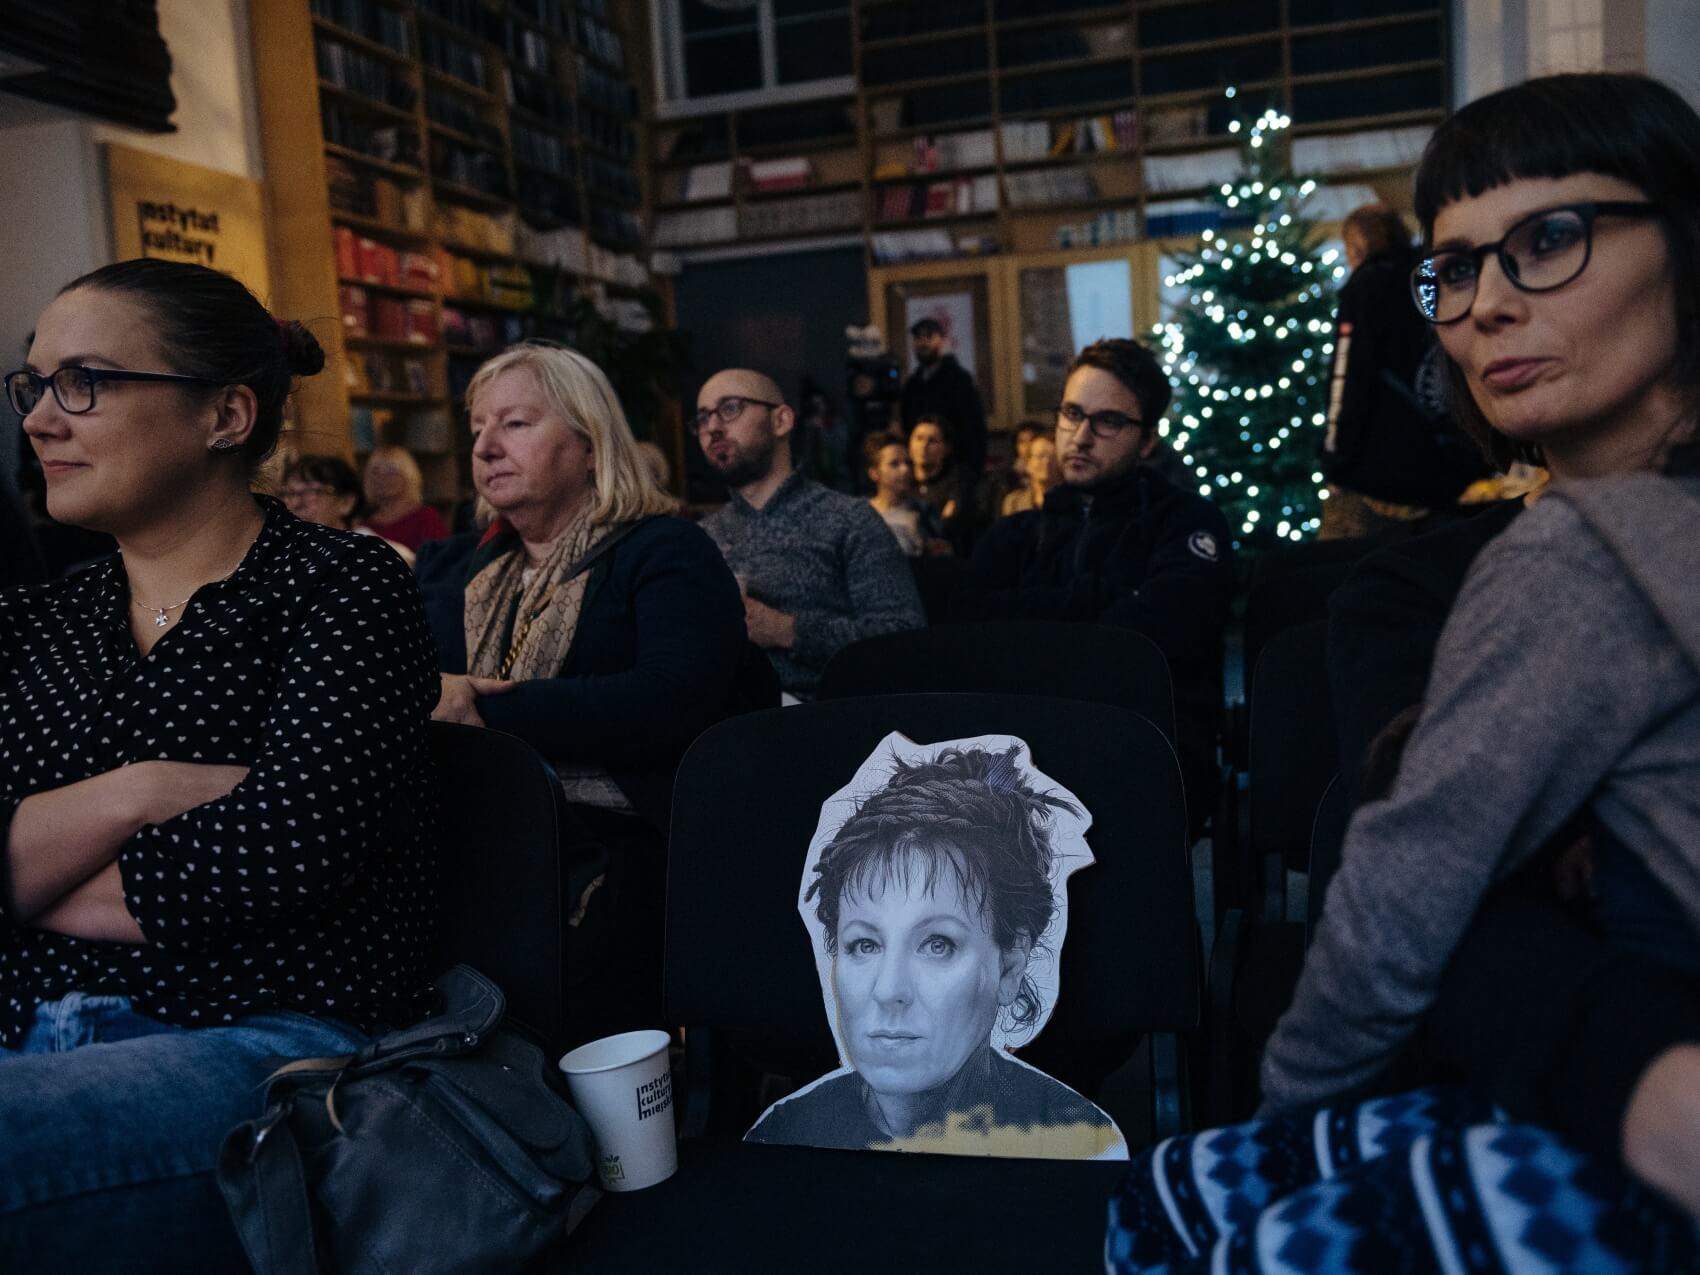 Wspólne oglądanie transmisji wręczenia Literackiej Nagrody Nobla Oldze Tokarczuk w Instytucie Kultury Miejskiej w Gdańsku